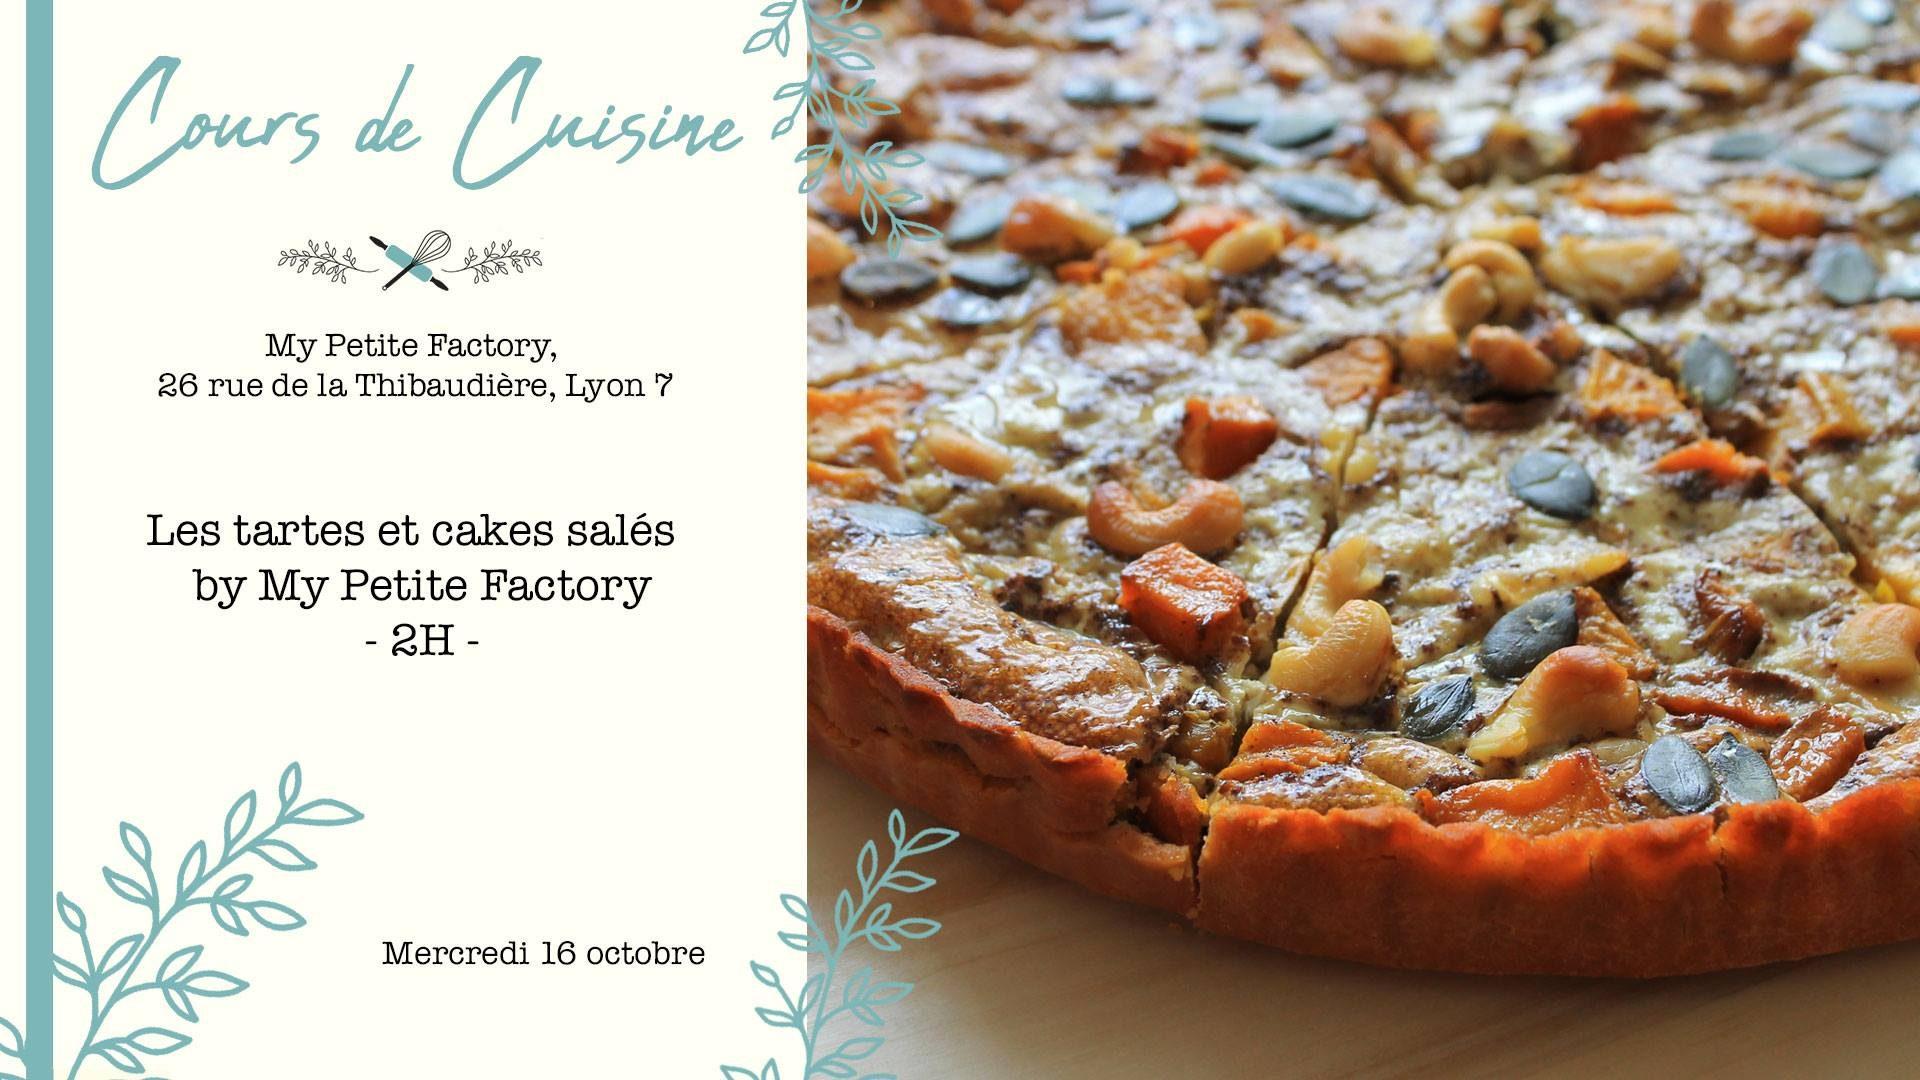 Atelier-tartes-cakes-sales